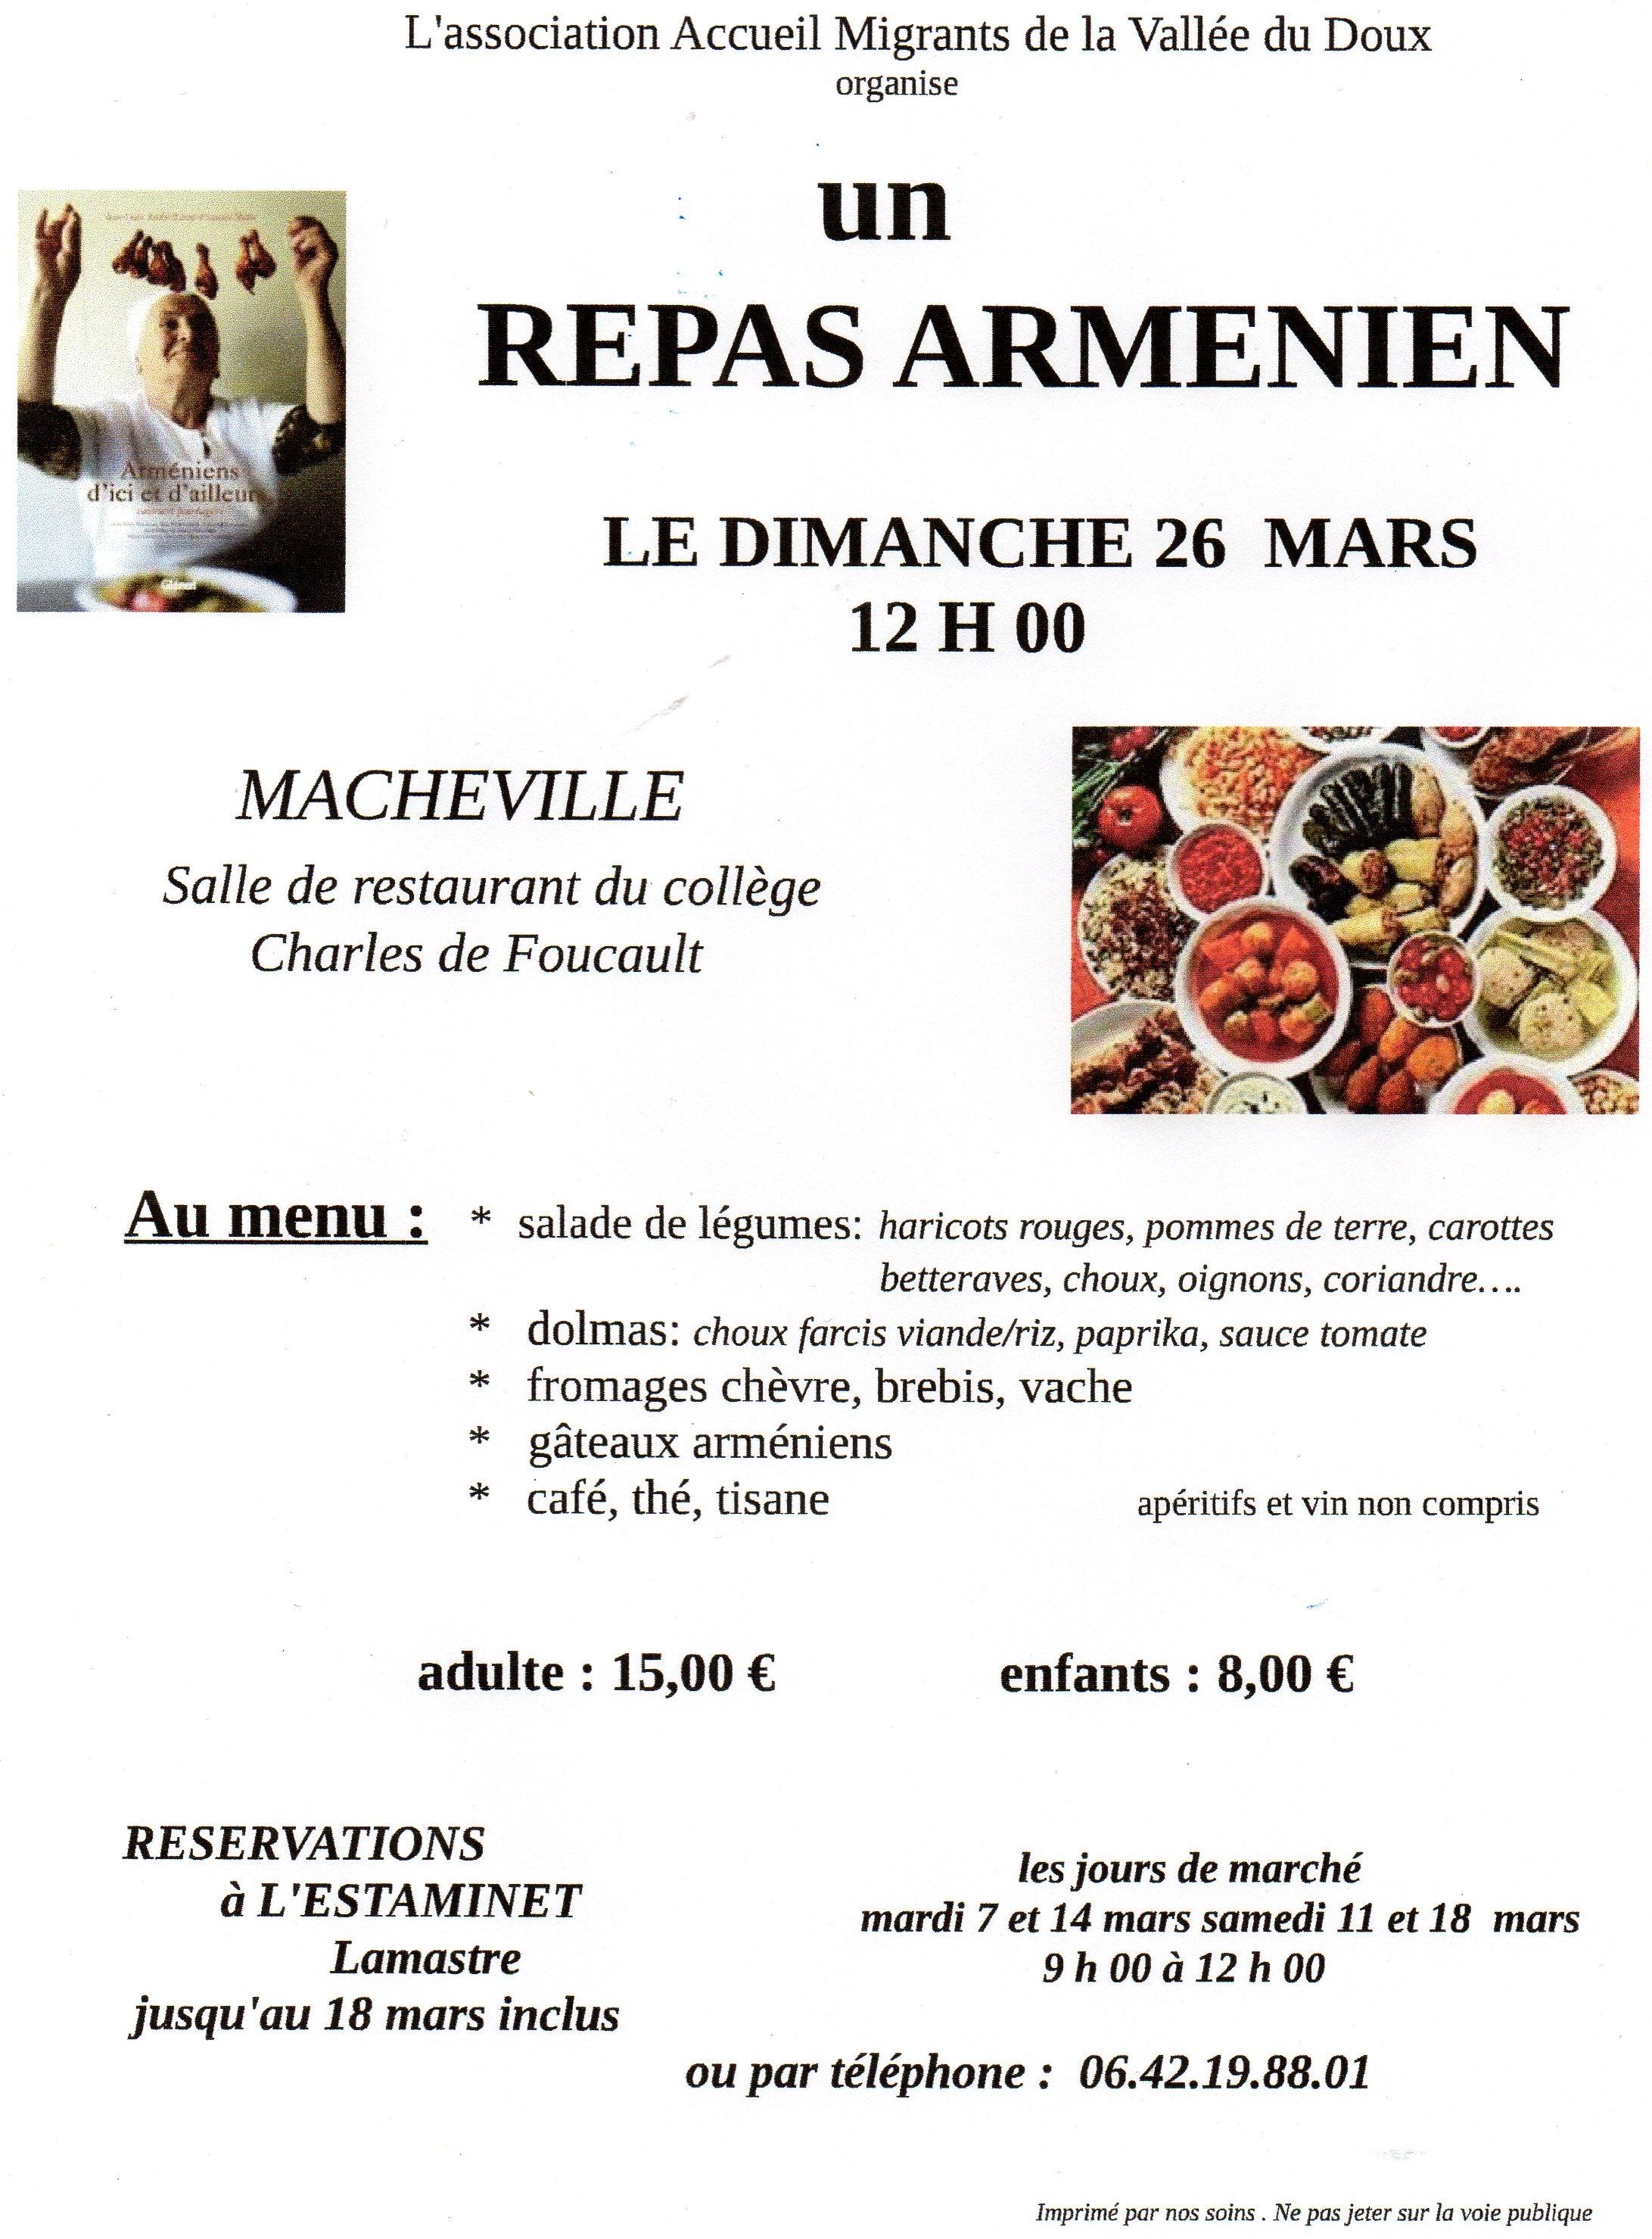 repas armenien lamastre mars 2017